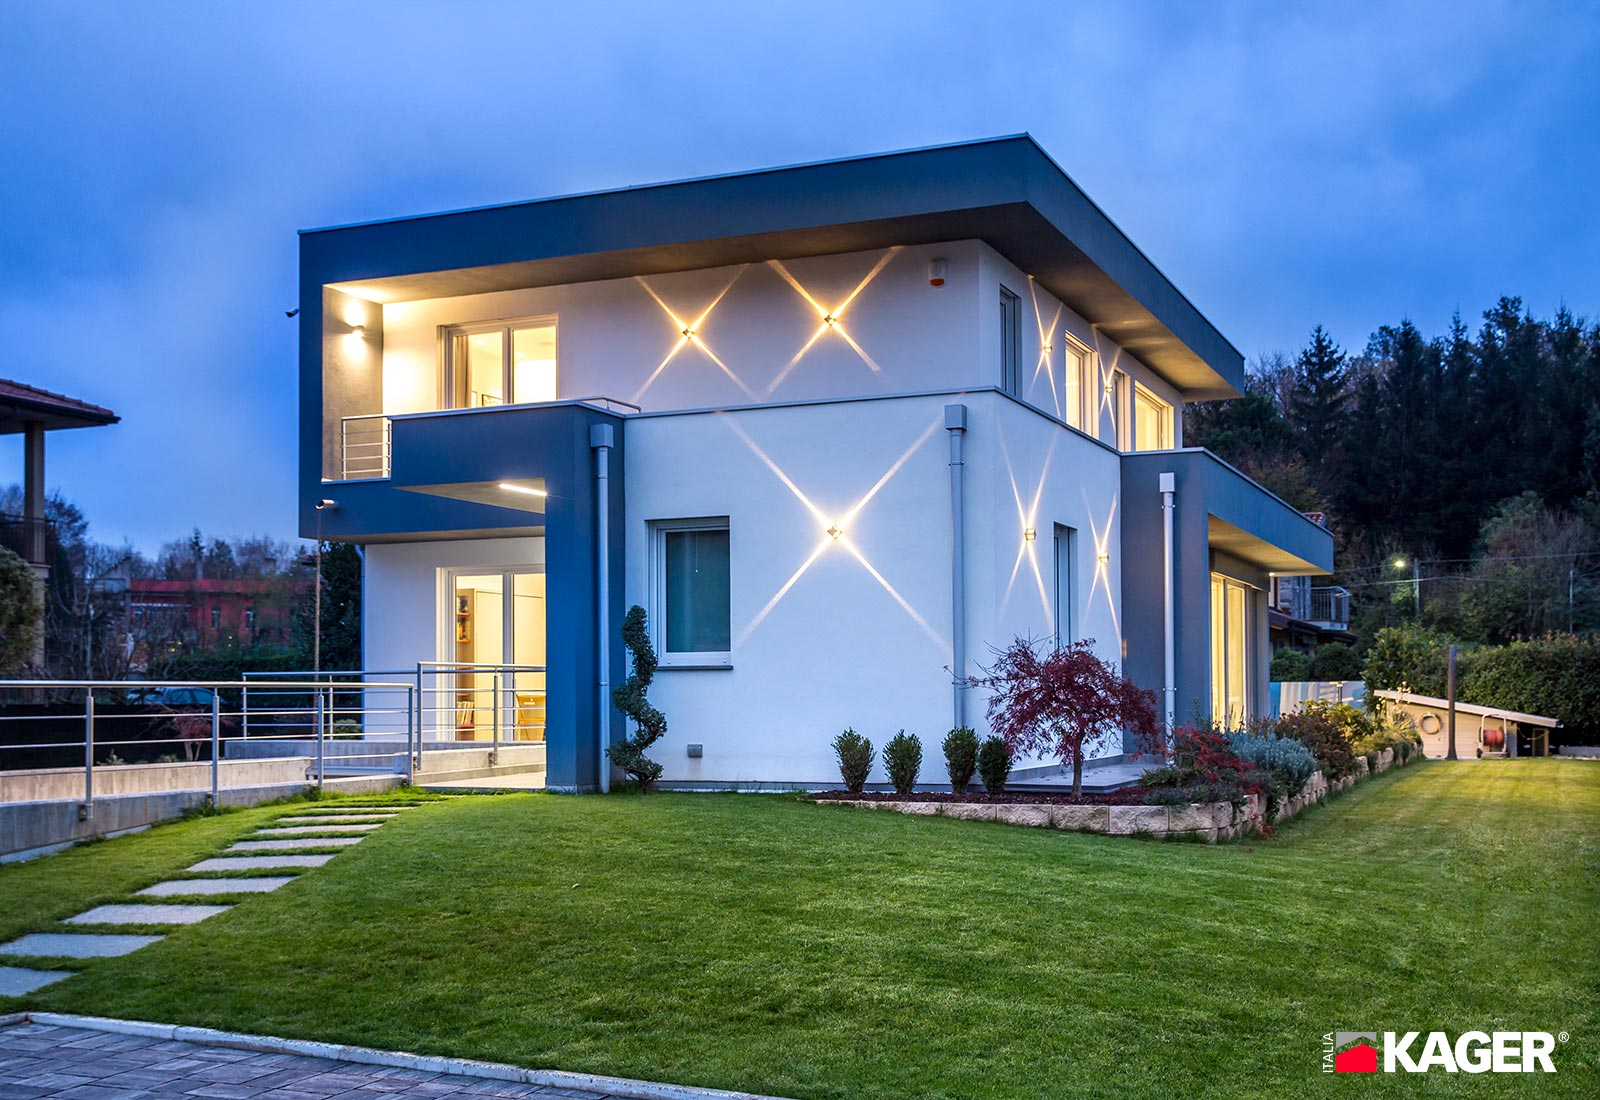 Casa-in-legno-Arcisate-Varese-Kager-Italia-03